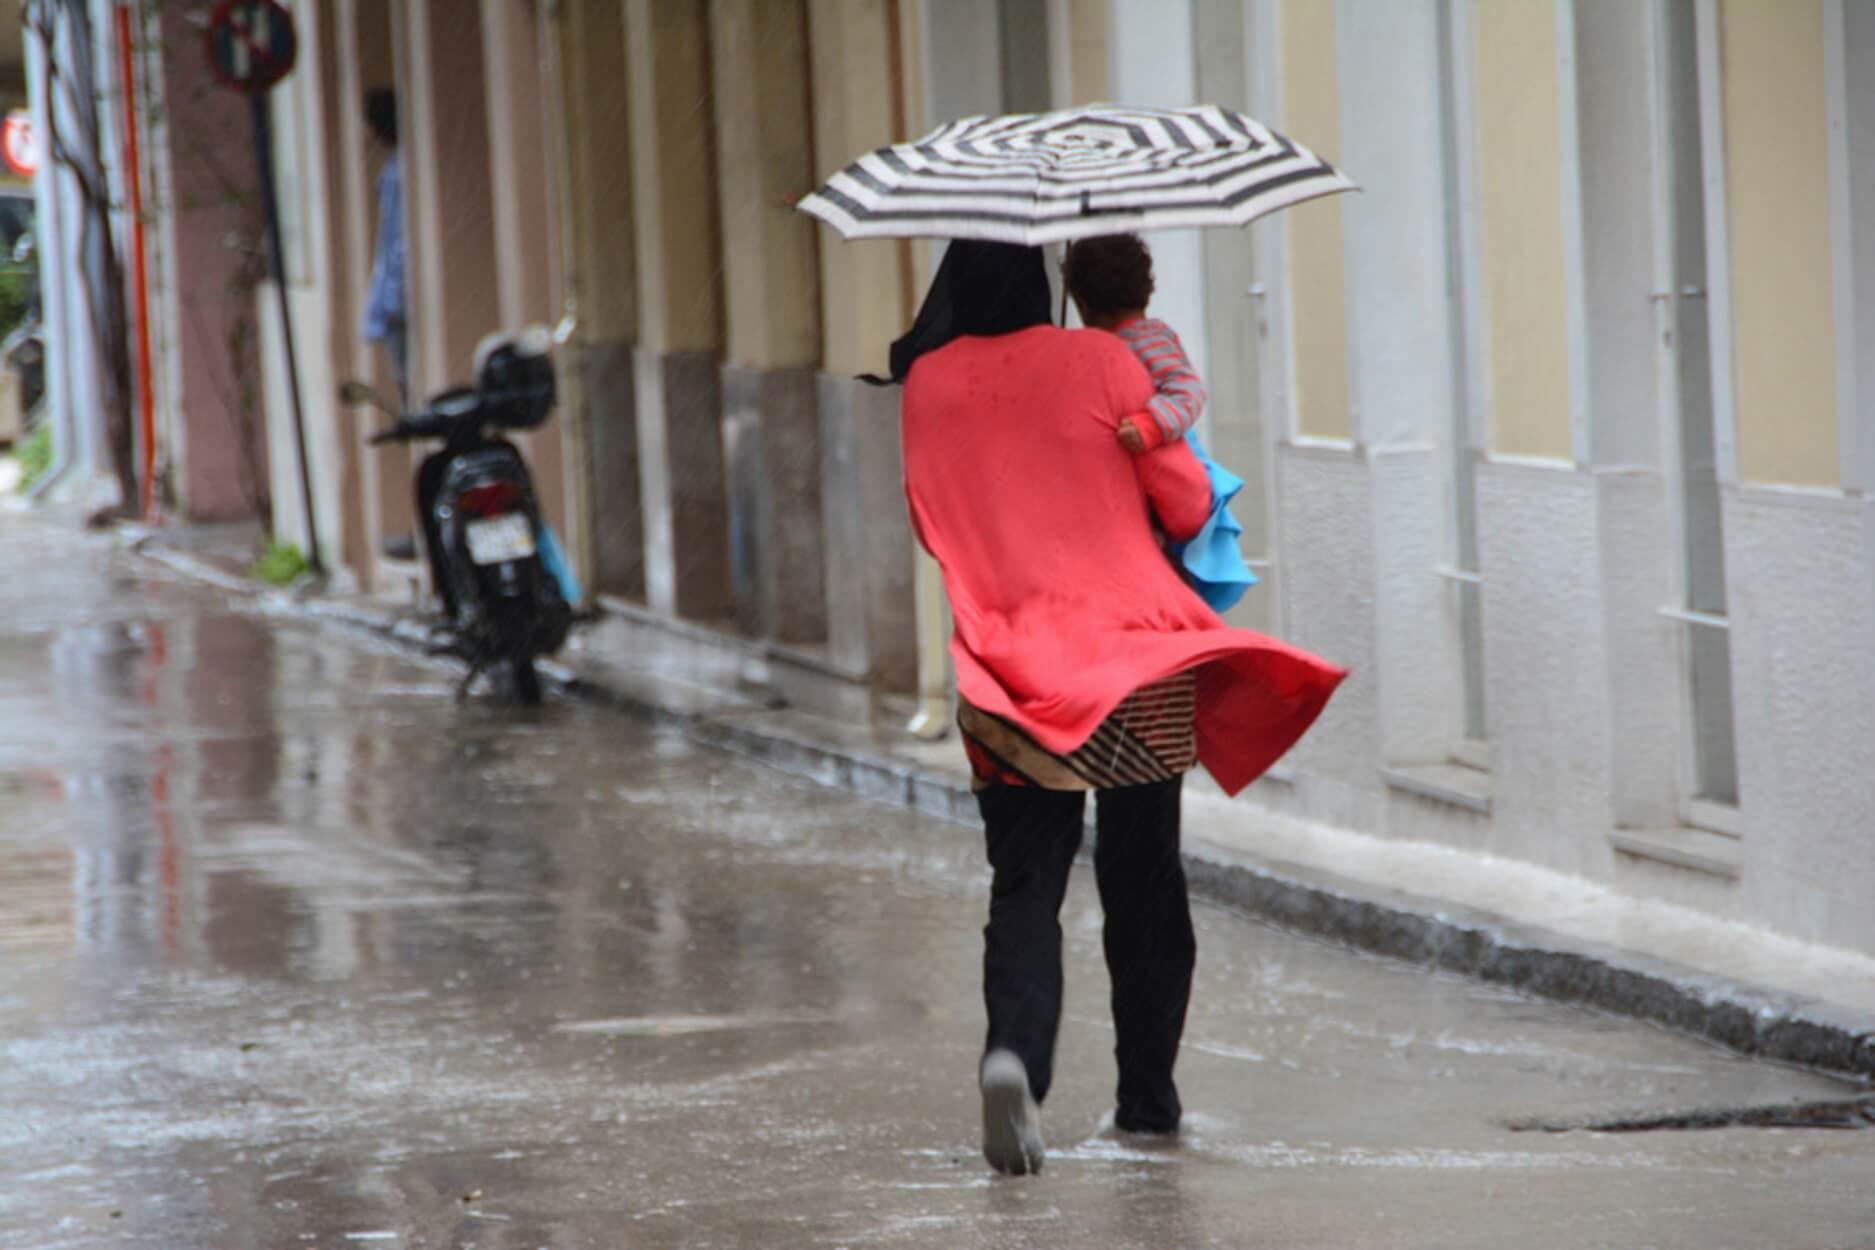 Καιρός: Ισχυρές καταιγίδες και χαλάζι θα χτυπήσουν ξανά τη χώρα